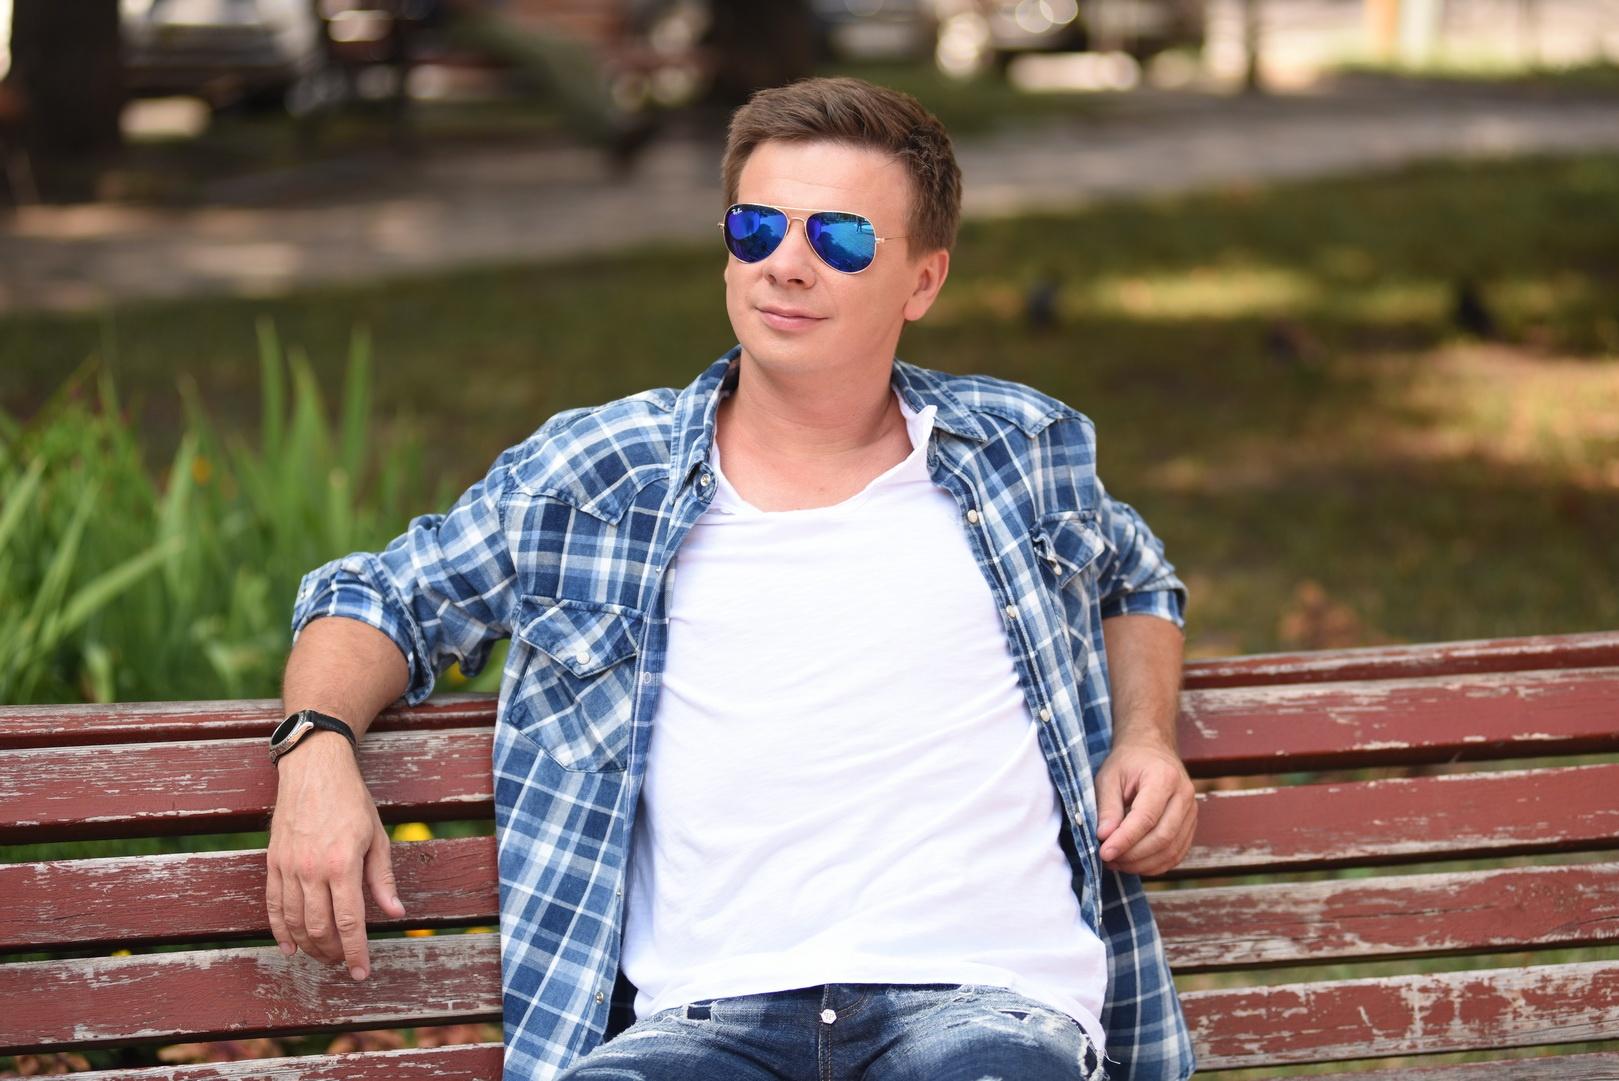 dmitriy-komarov-doveril-sudbu-telenedele-foto-2